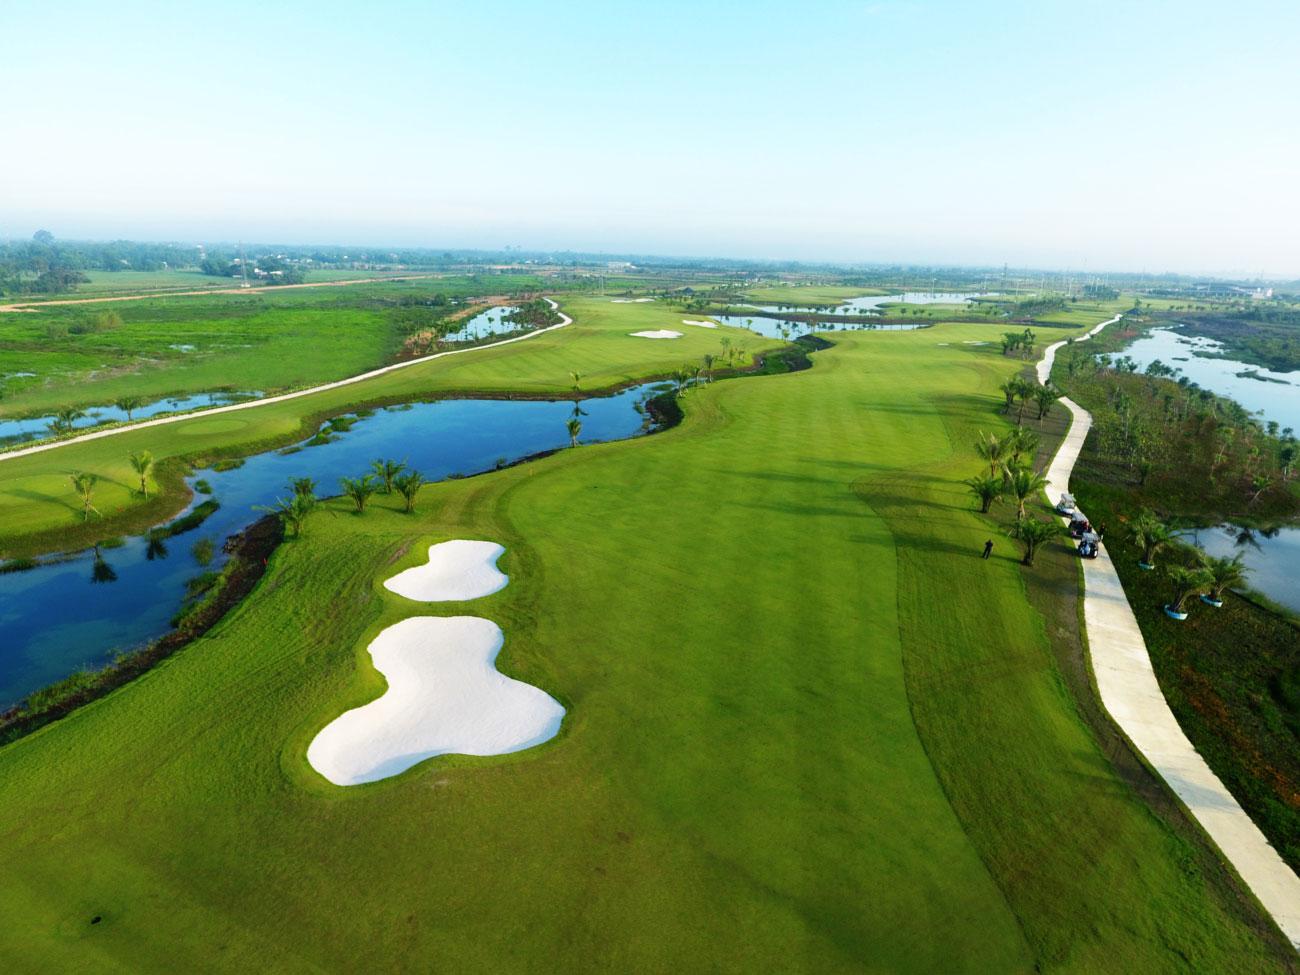 Sân Golf trong dự án West Lakes Bến Lức